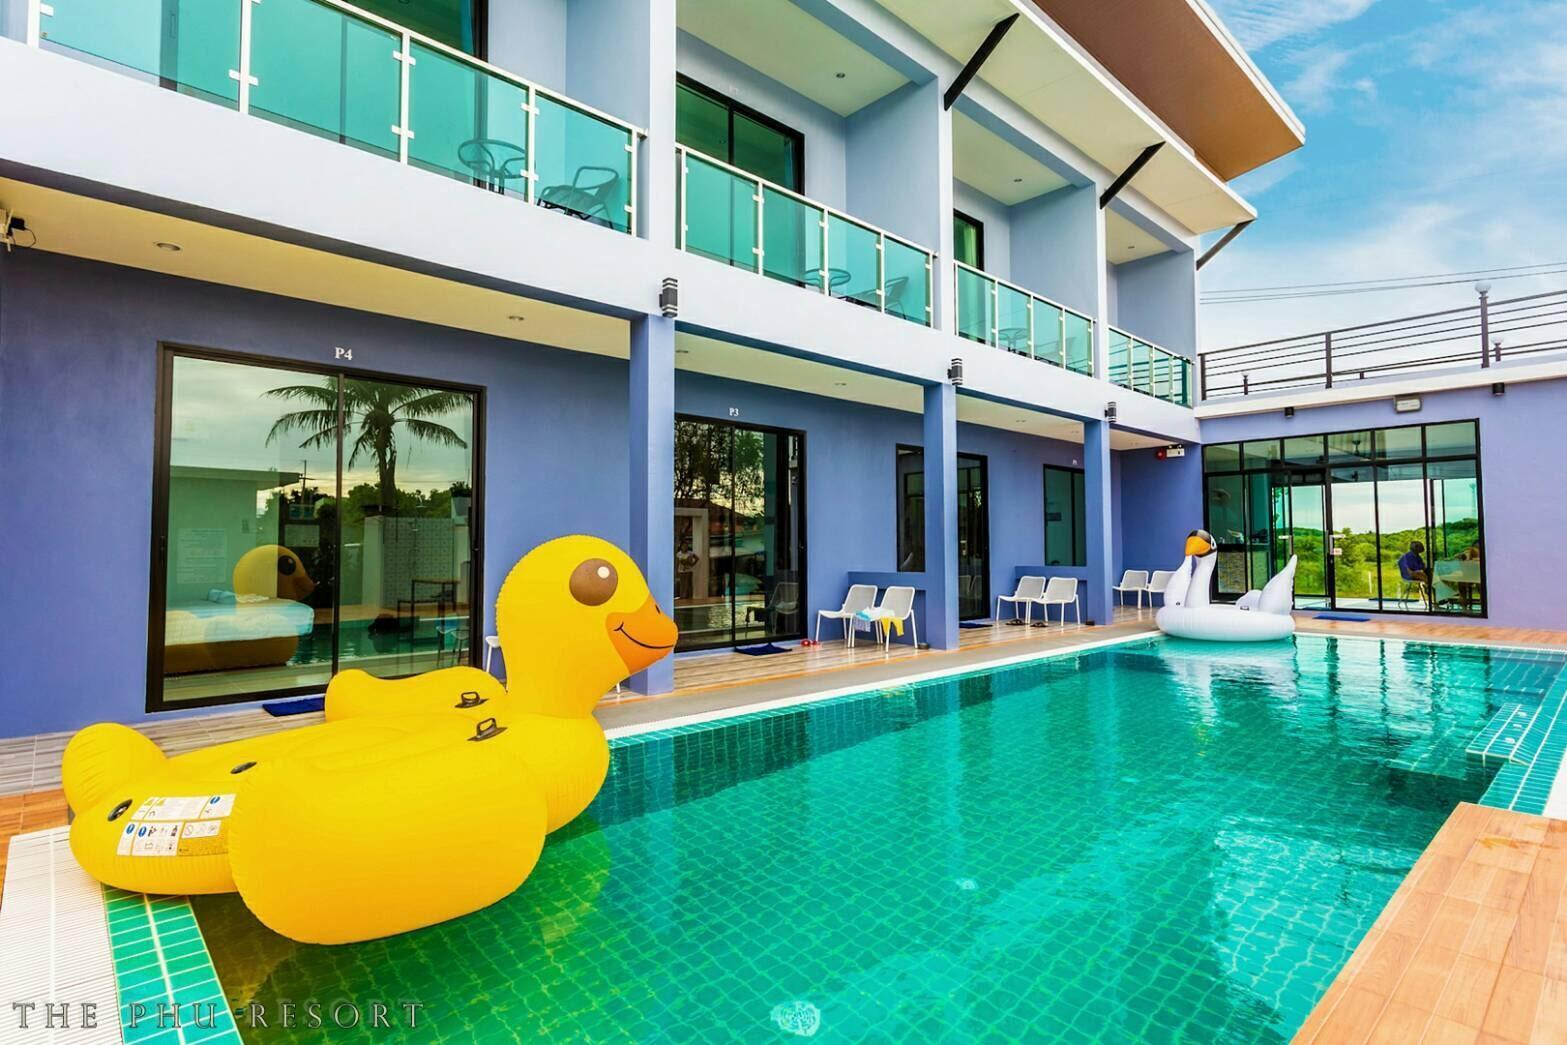 The Phu Resort